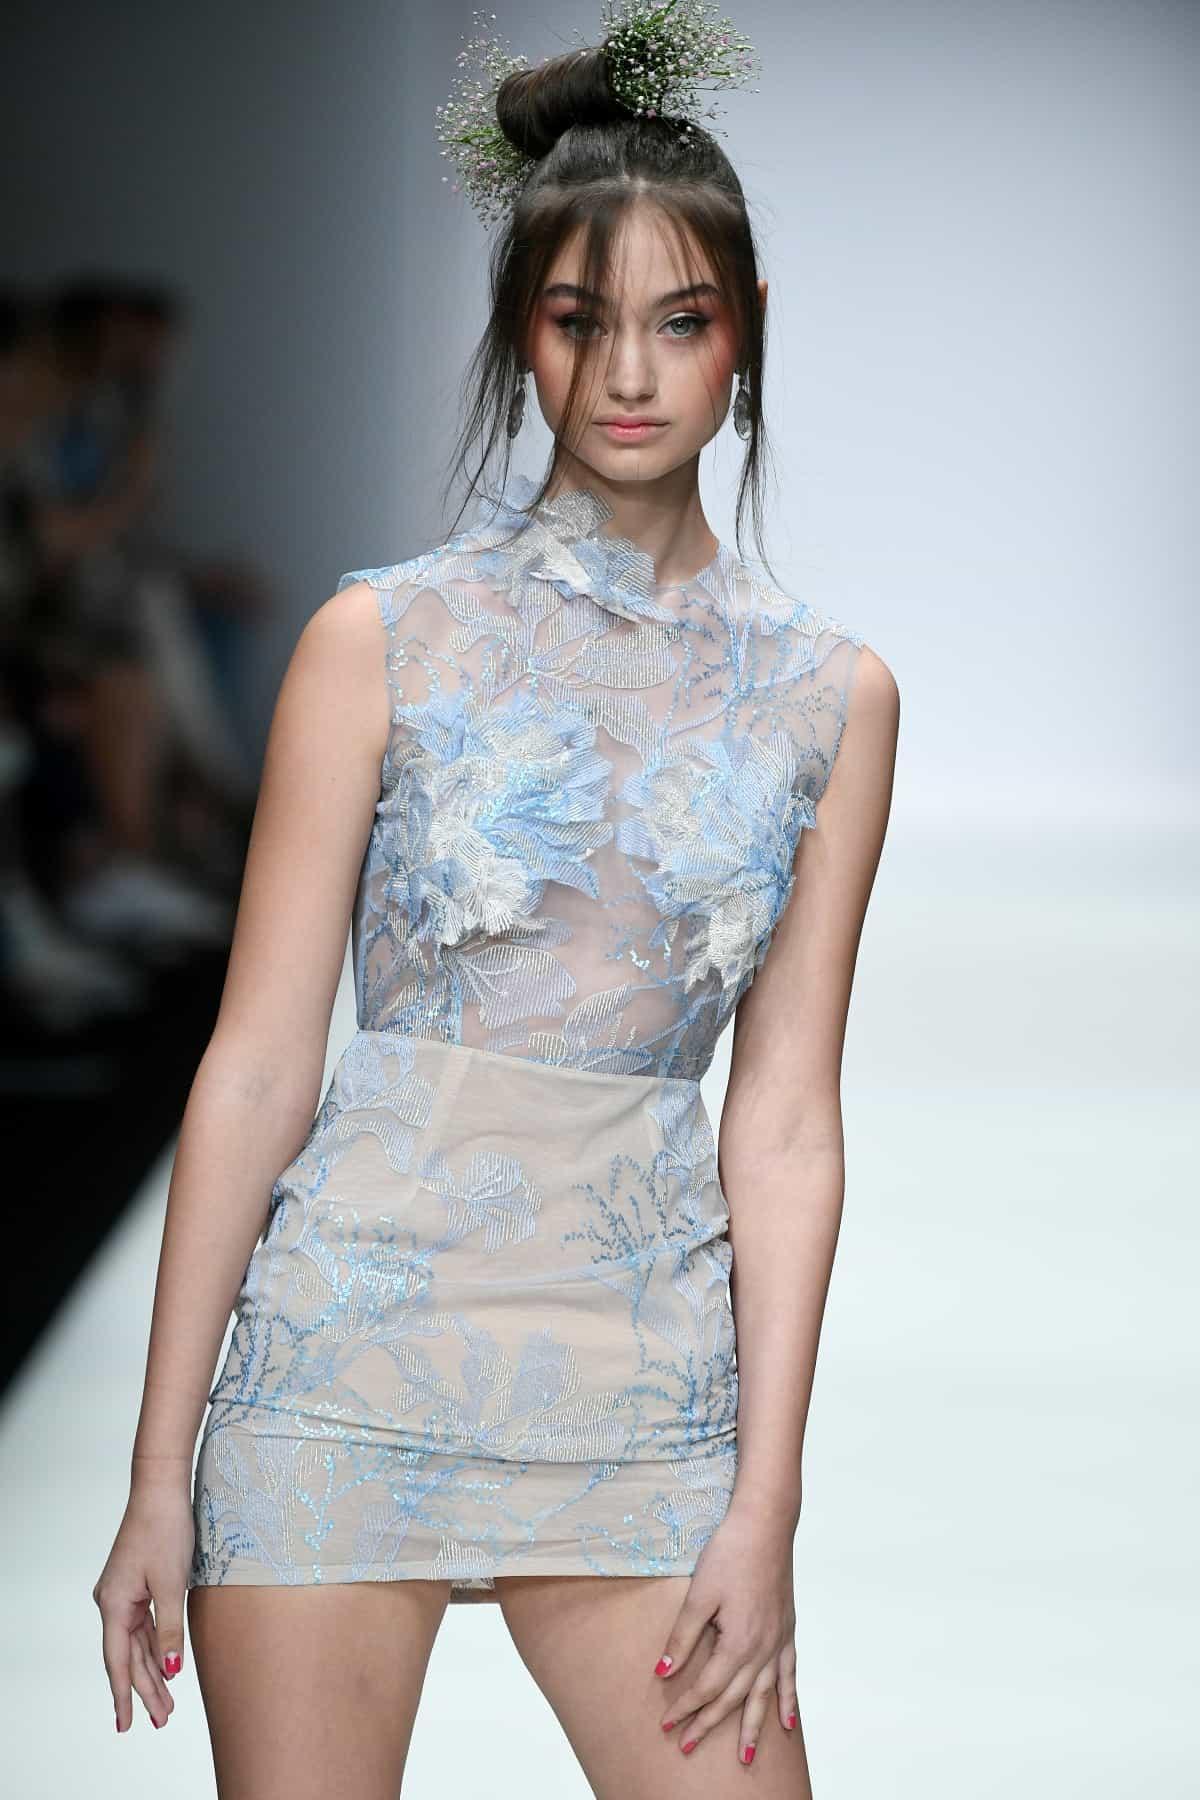 Sommerkleider 2020 von Lana Mueller zur MBFW auf der Fashion Week Berlin Juli 2019 - 4